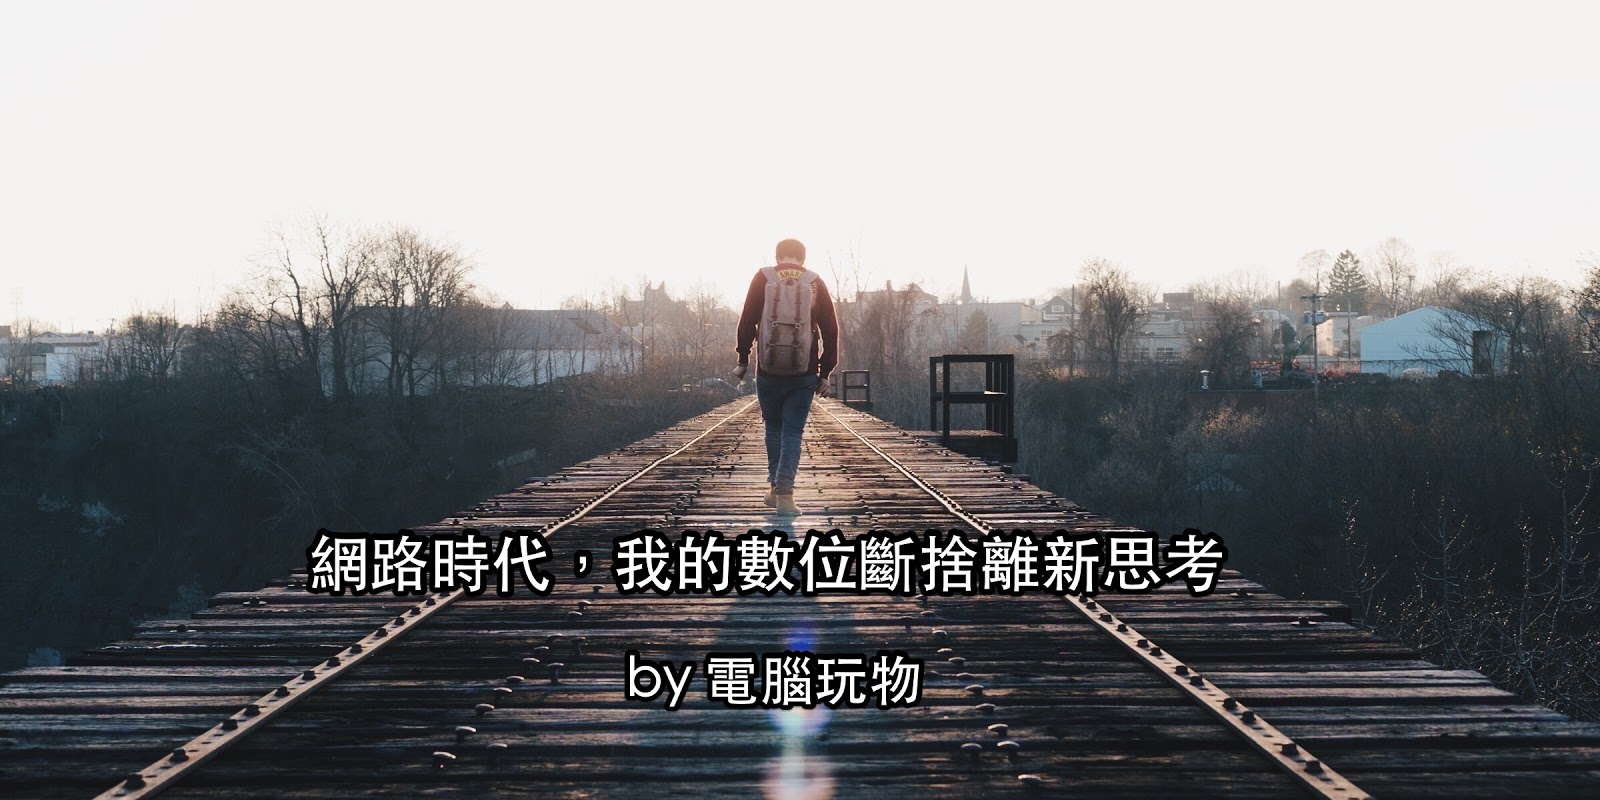 自我成長 - Magazine cover